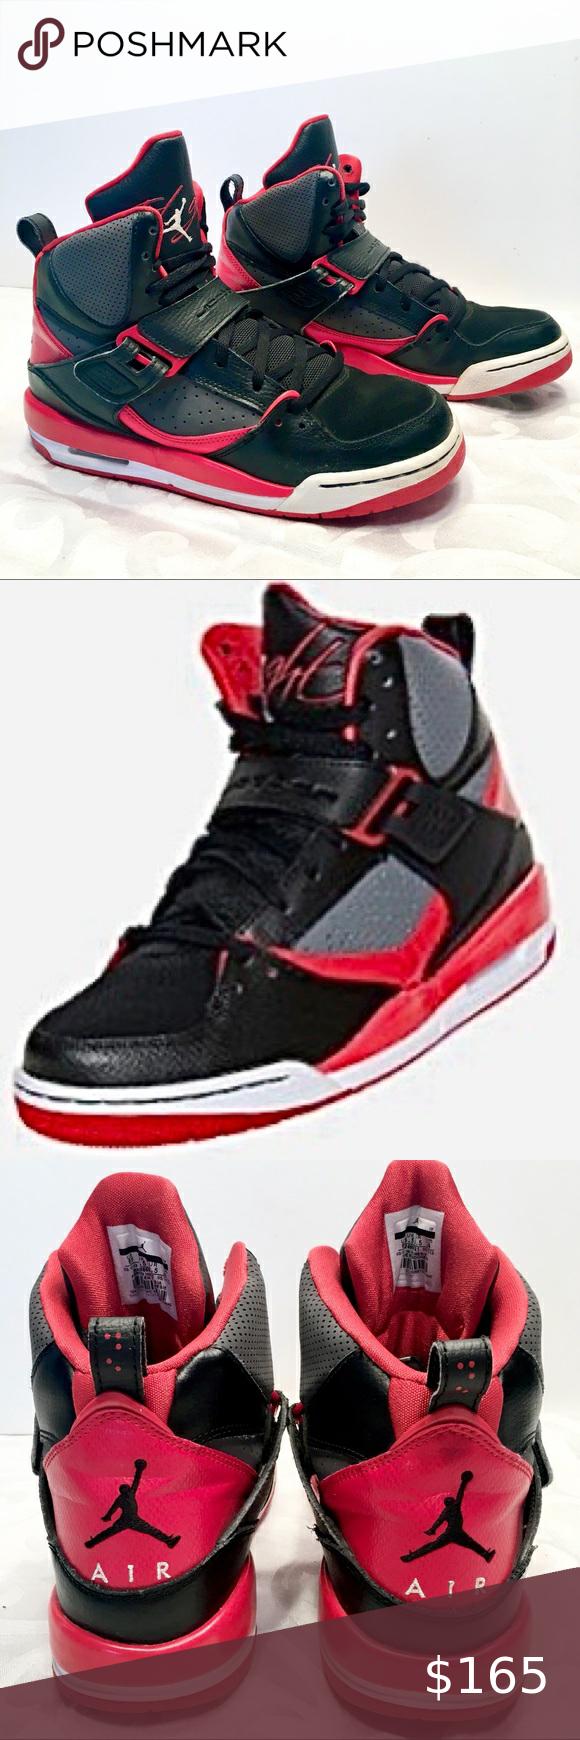 Jordan Retro Banned Throwback Red Black Sneaker 6Y in 2020